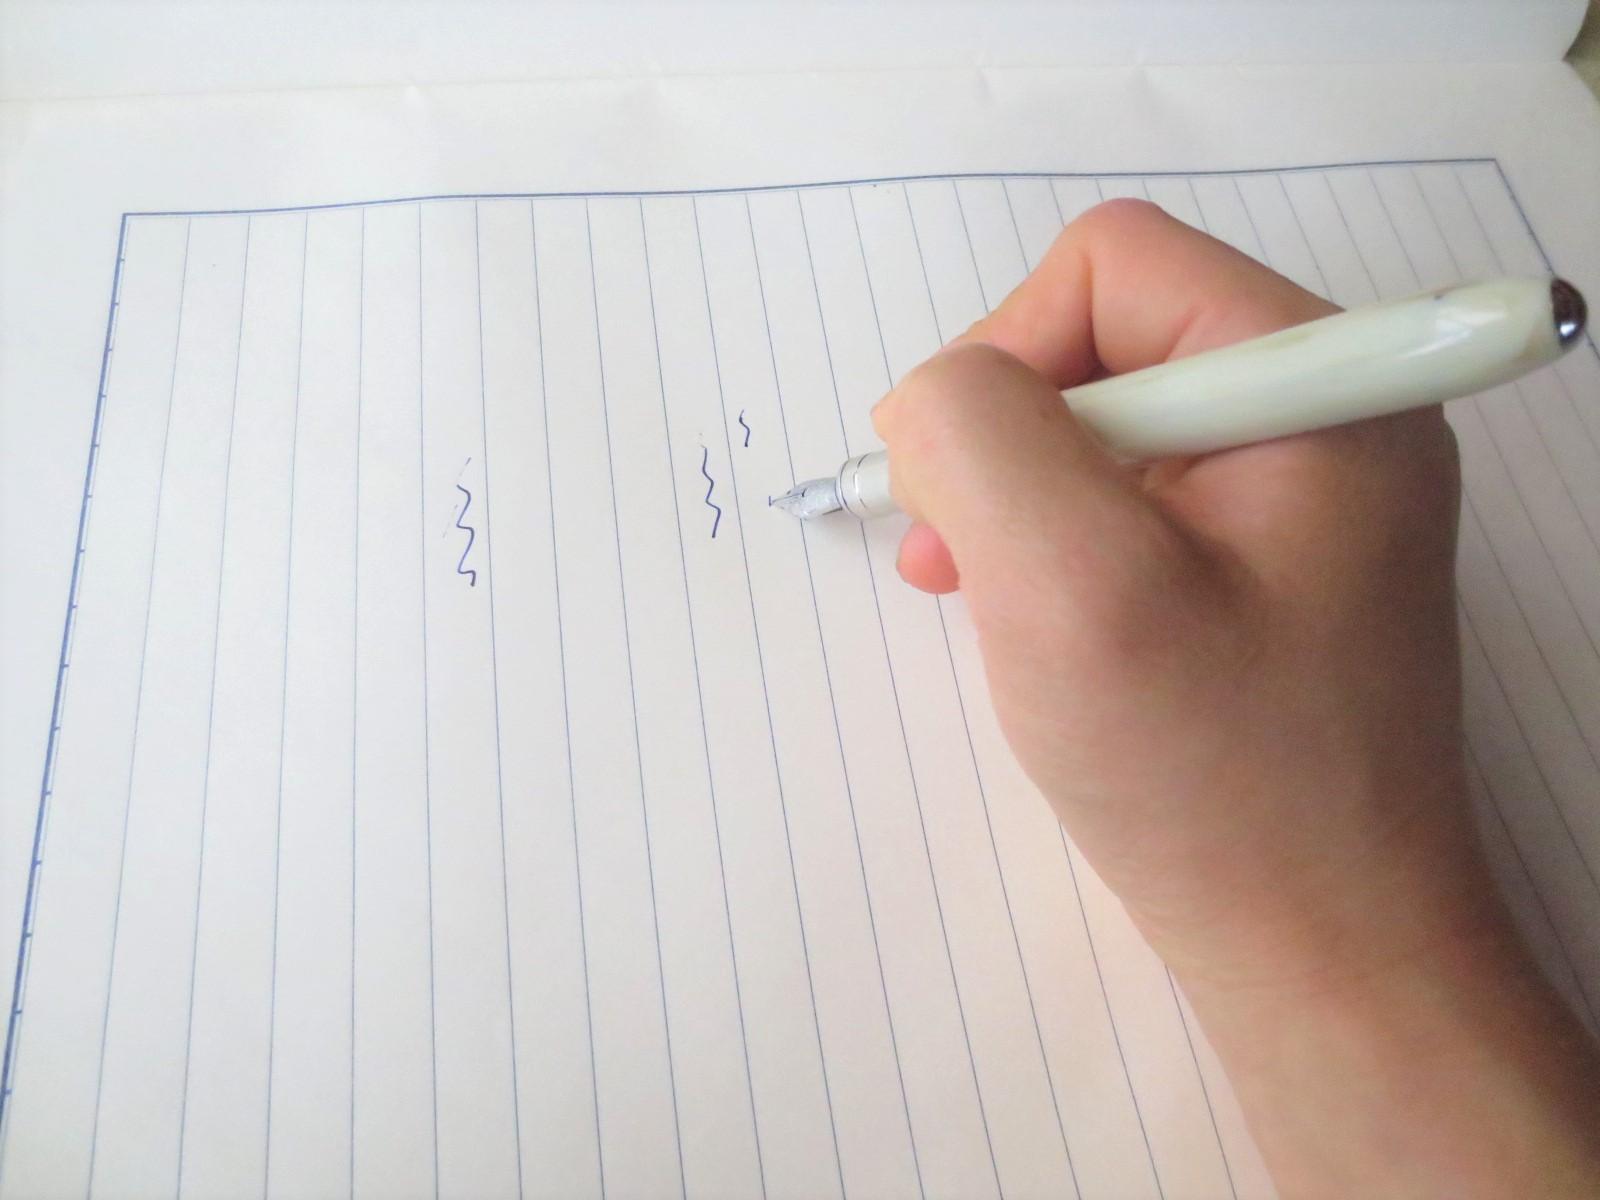 「万年筆からインクが出ない、かすれる。故障かな?」と思ったらまず確認すること【トラブルシューティング】